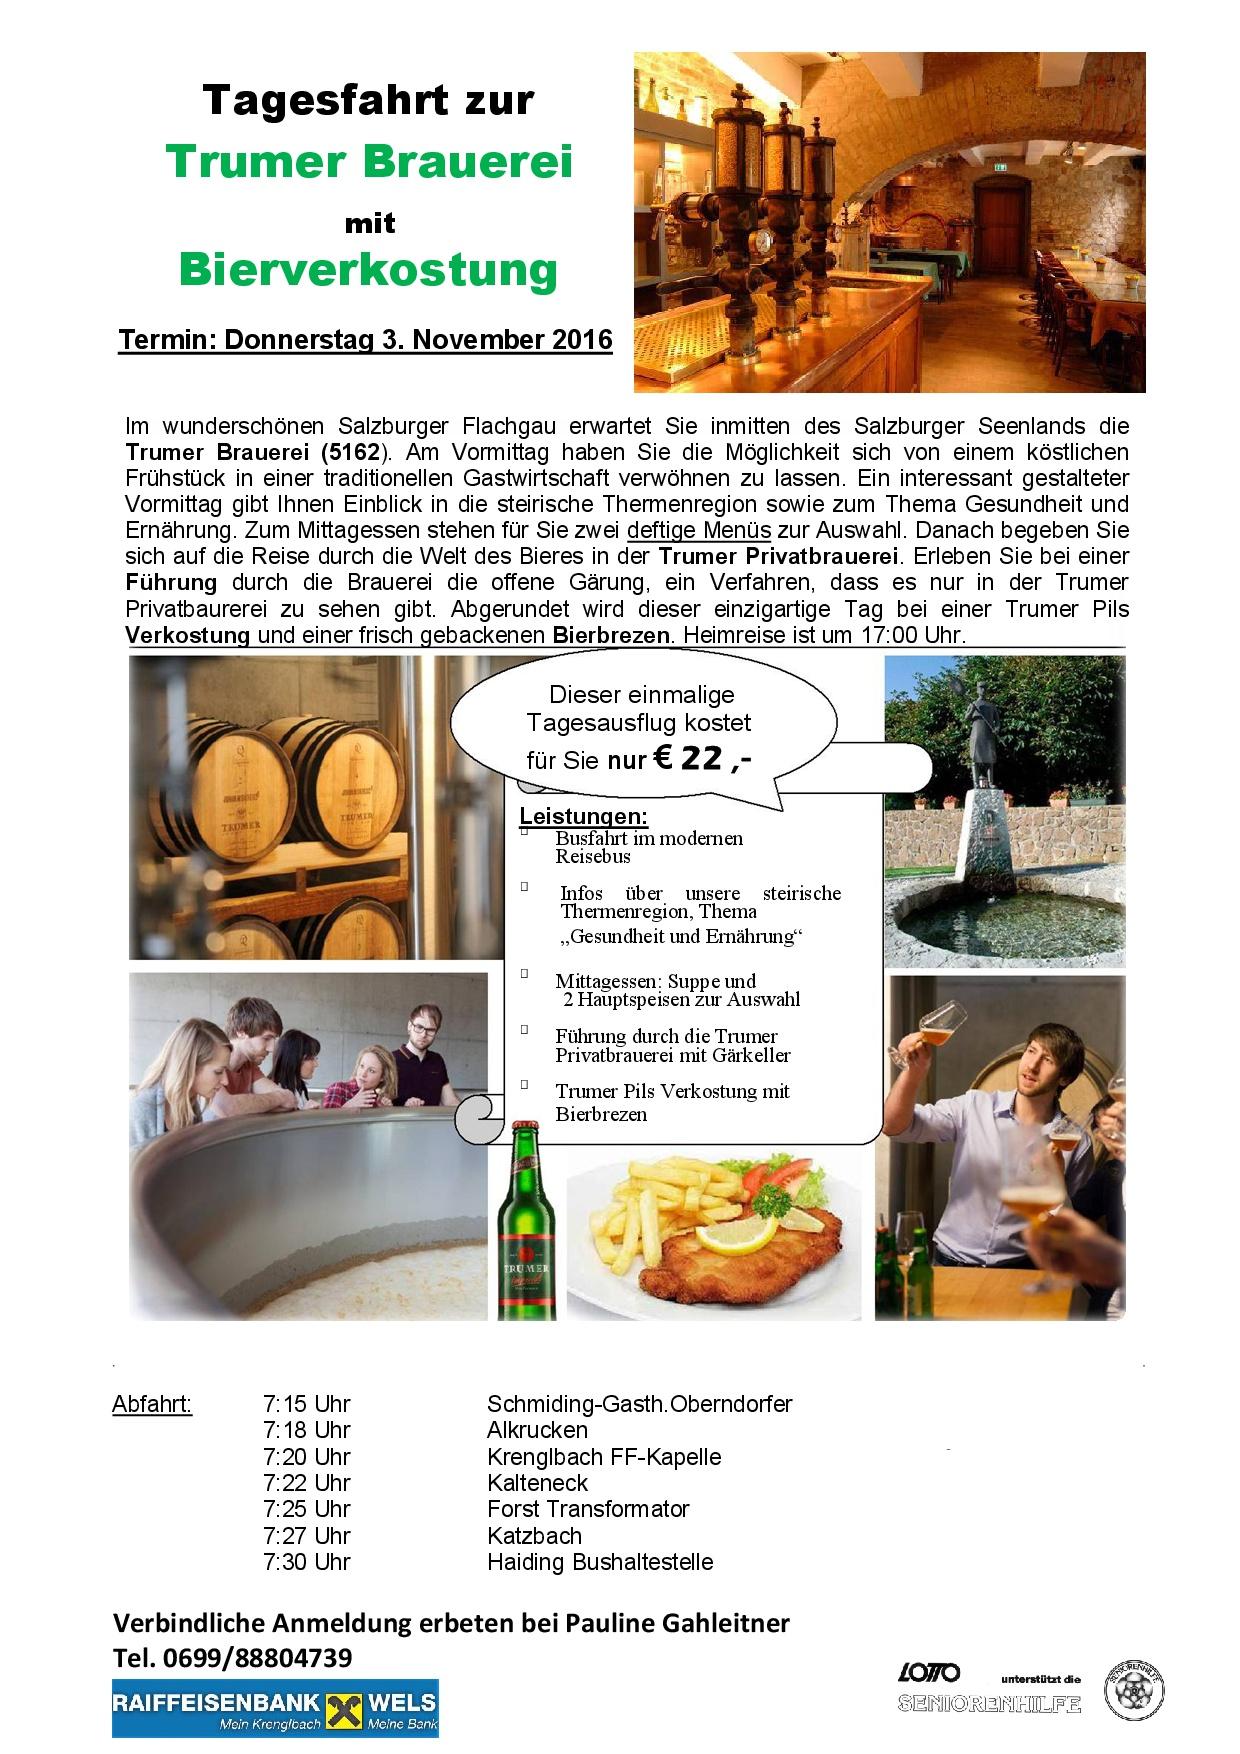 Ausflug zur Trumer Brauerei